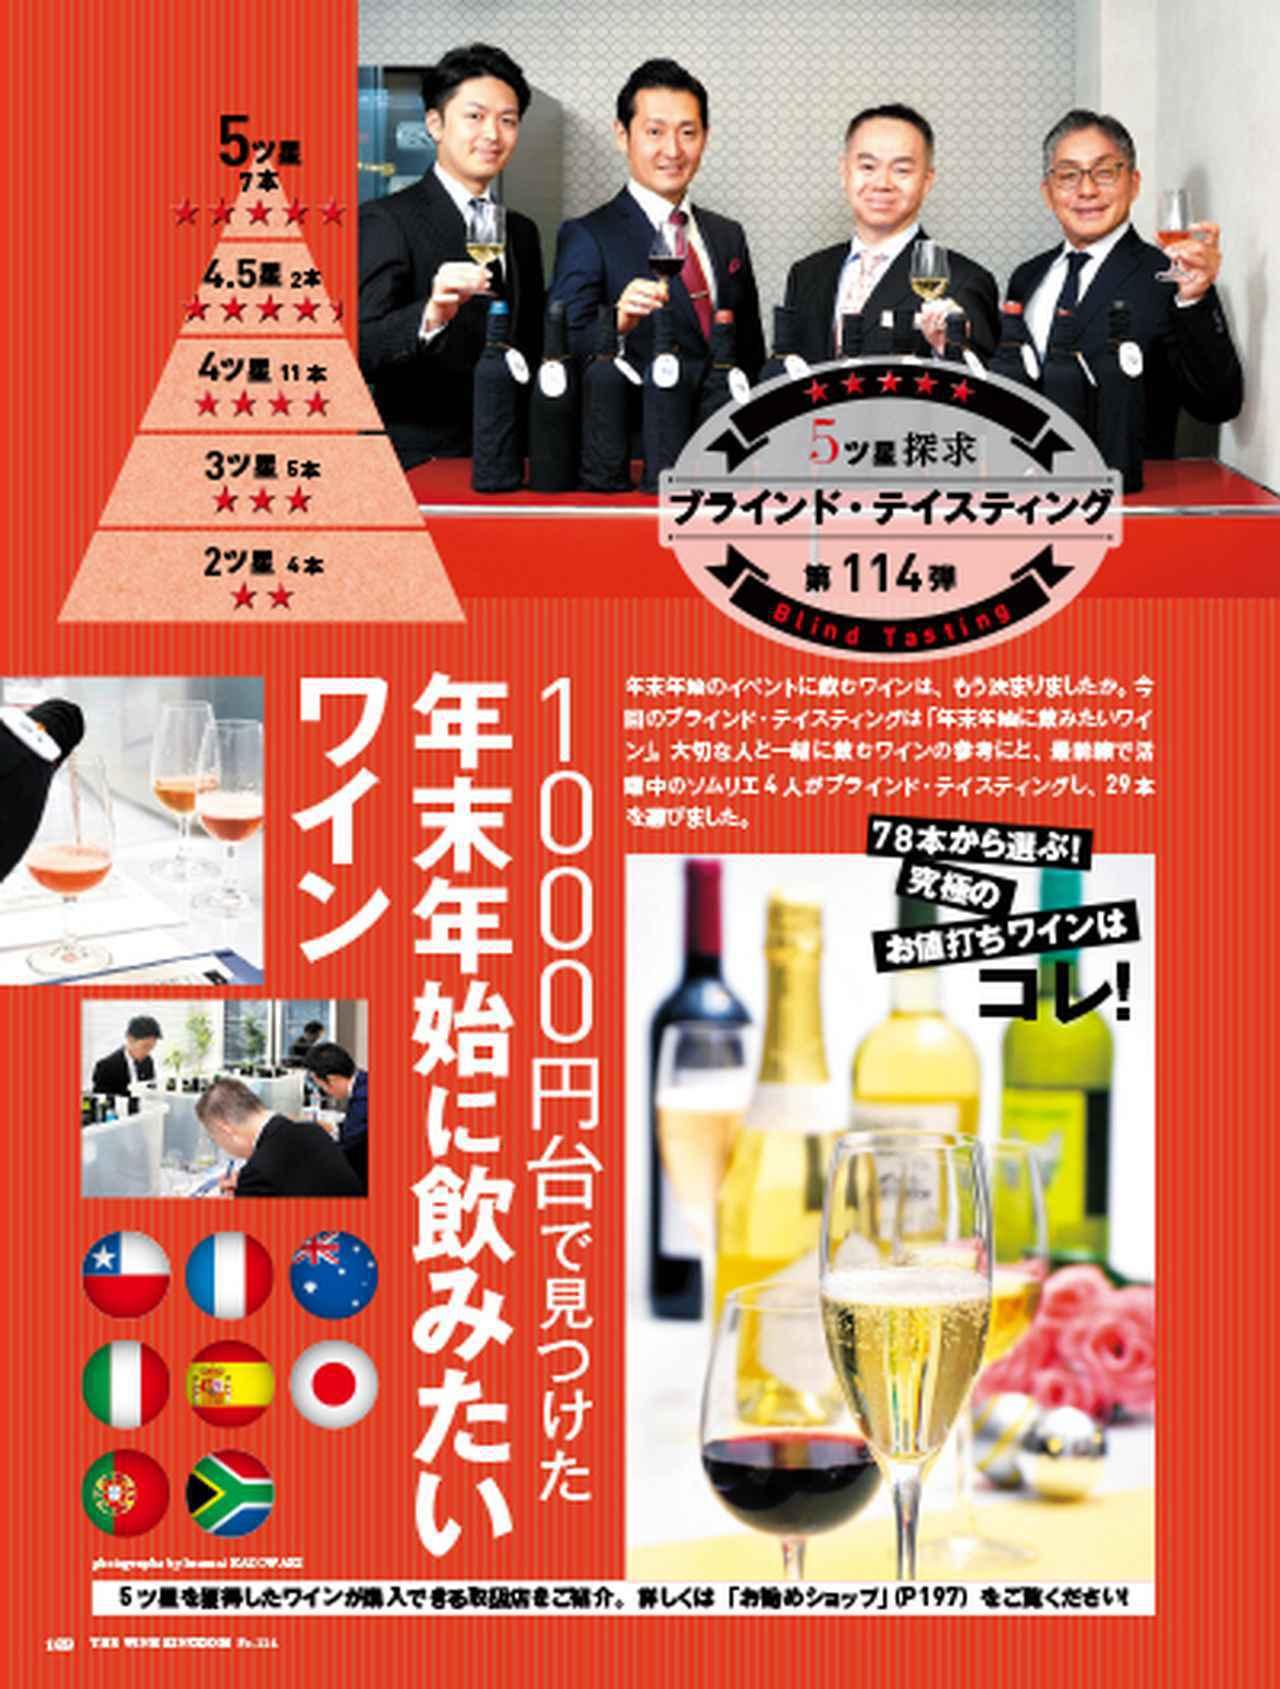 画像: 5ツ星探求 ブラインド・テイスティング 1000円台で見つけた「年末年始の飲みたいワイン」